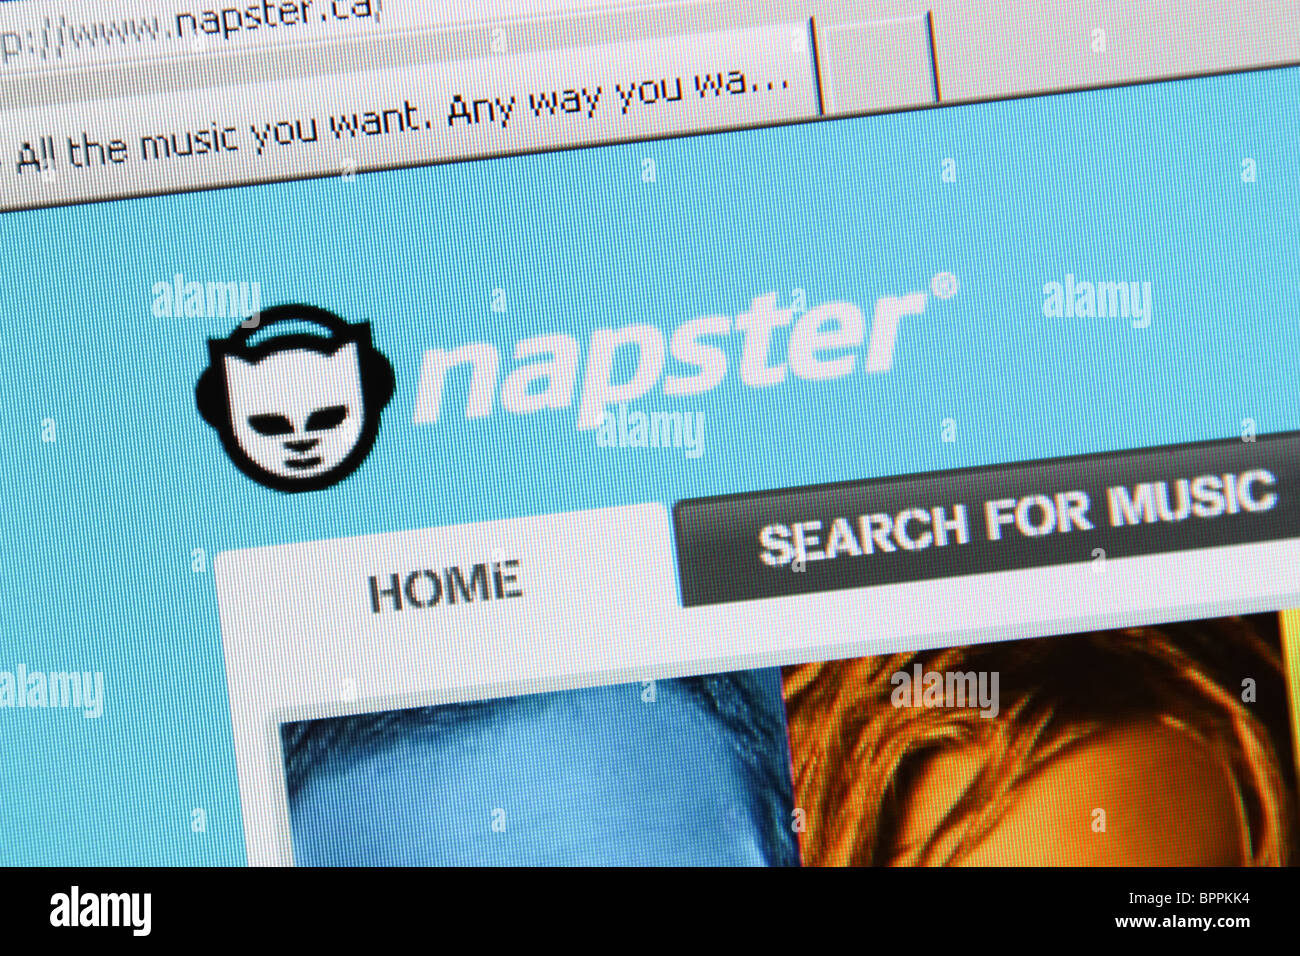 Descargar música de Napster Imagen De Stock